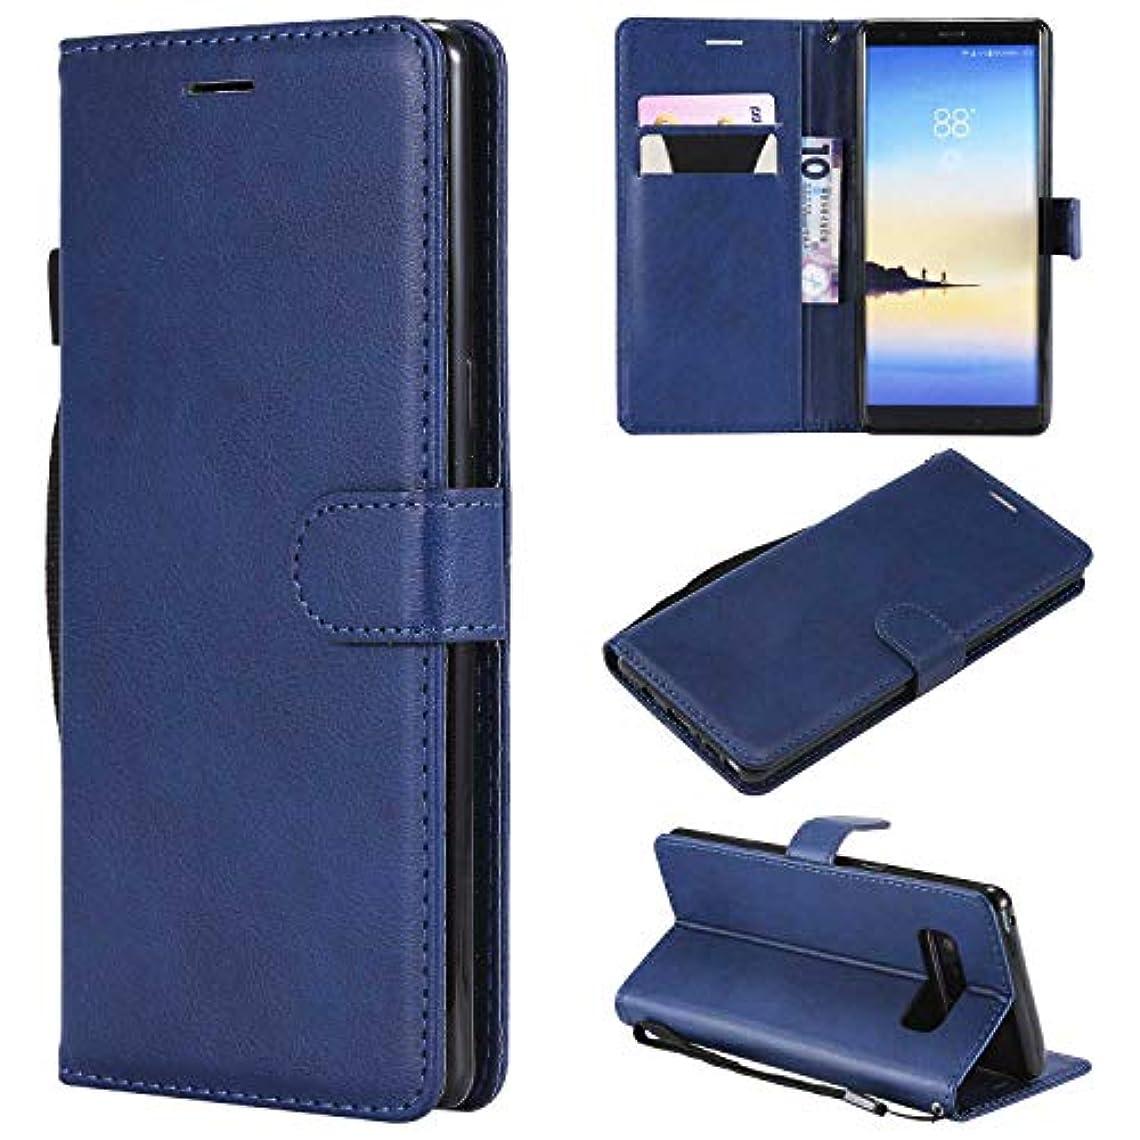 密輸打倒鎮静剤Galaxy Note 8 ケース手帳型 OMATENTI レザー 革 薄型 手帳型カバー カード入れ スタンド機能 サムスン Galaxy Note 8 おしゃれ 手帳ケース (6-ブルー)